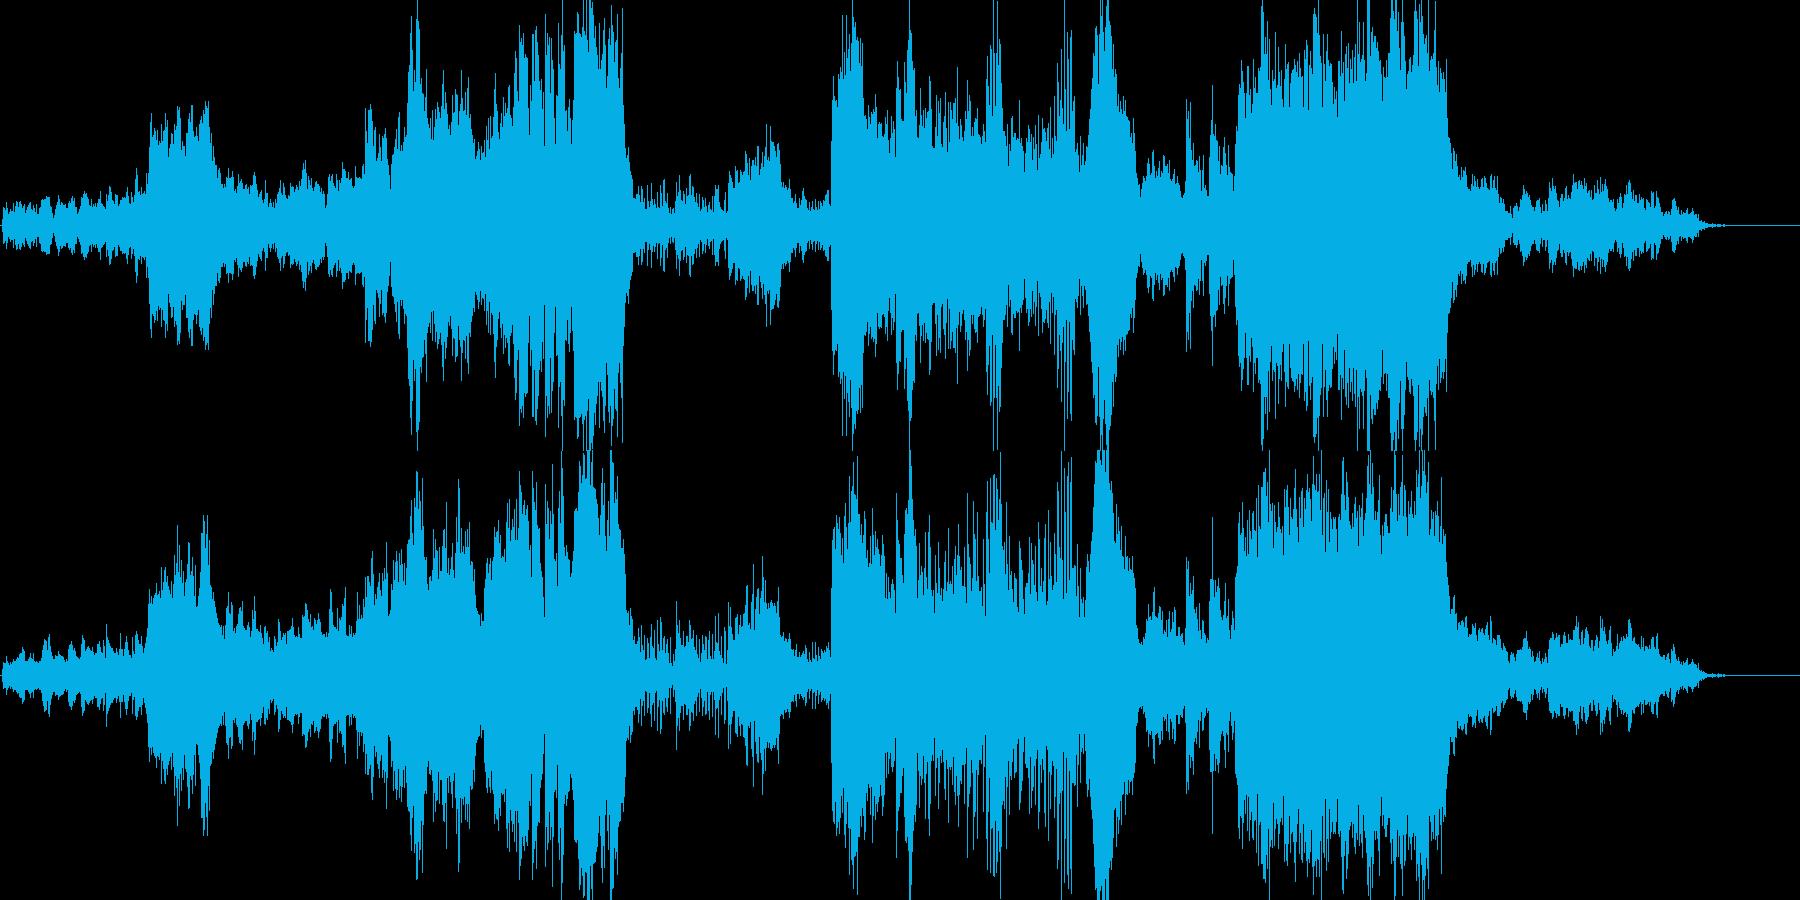 ファンタジー系感動&壮大なオーケストラの再生済みの波形